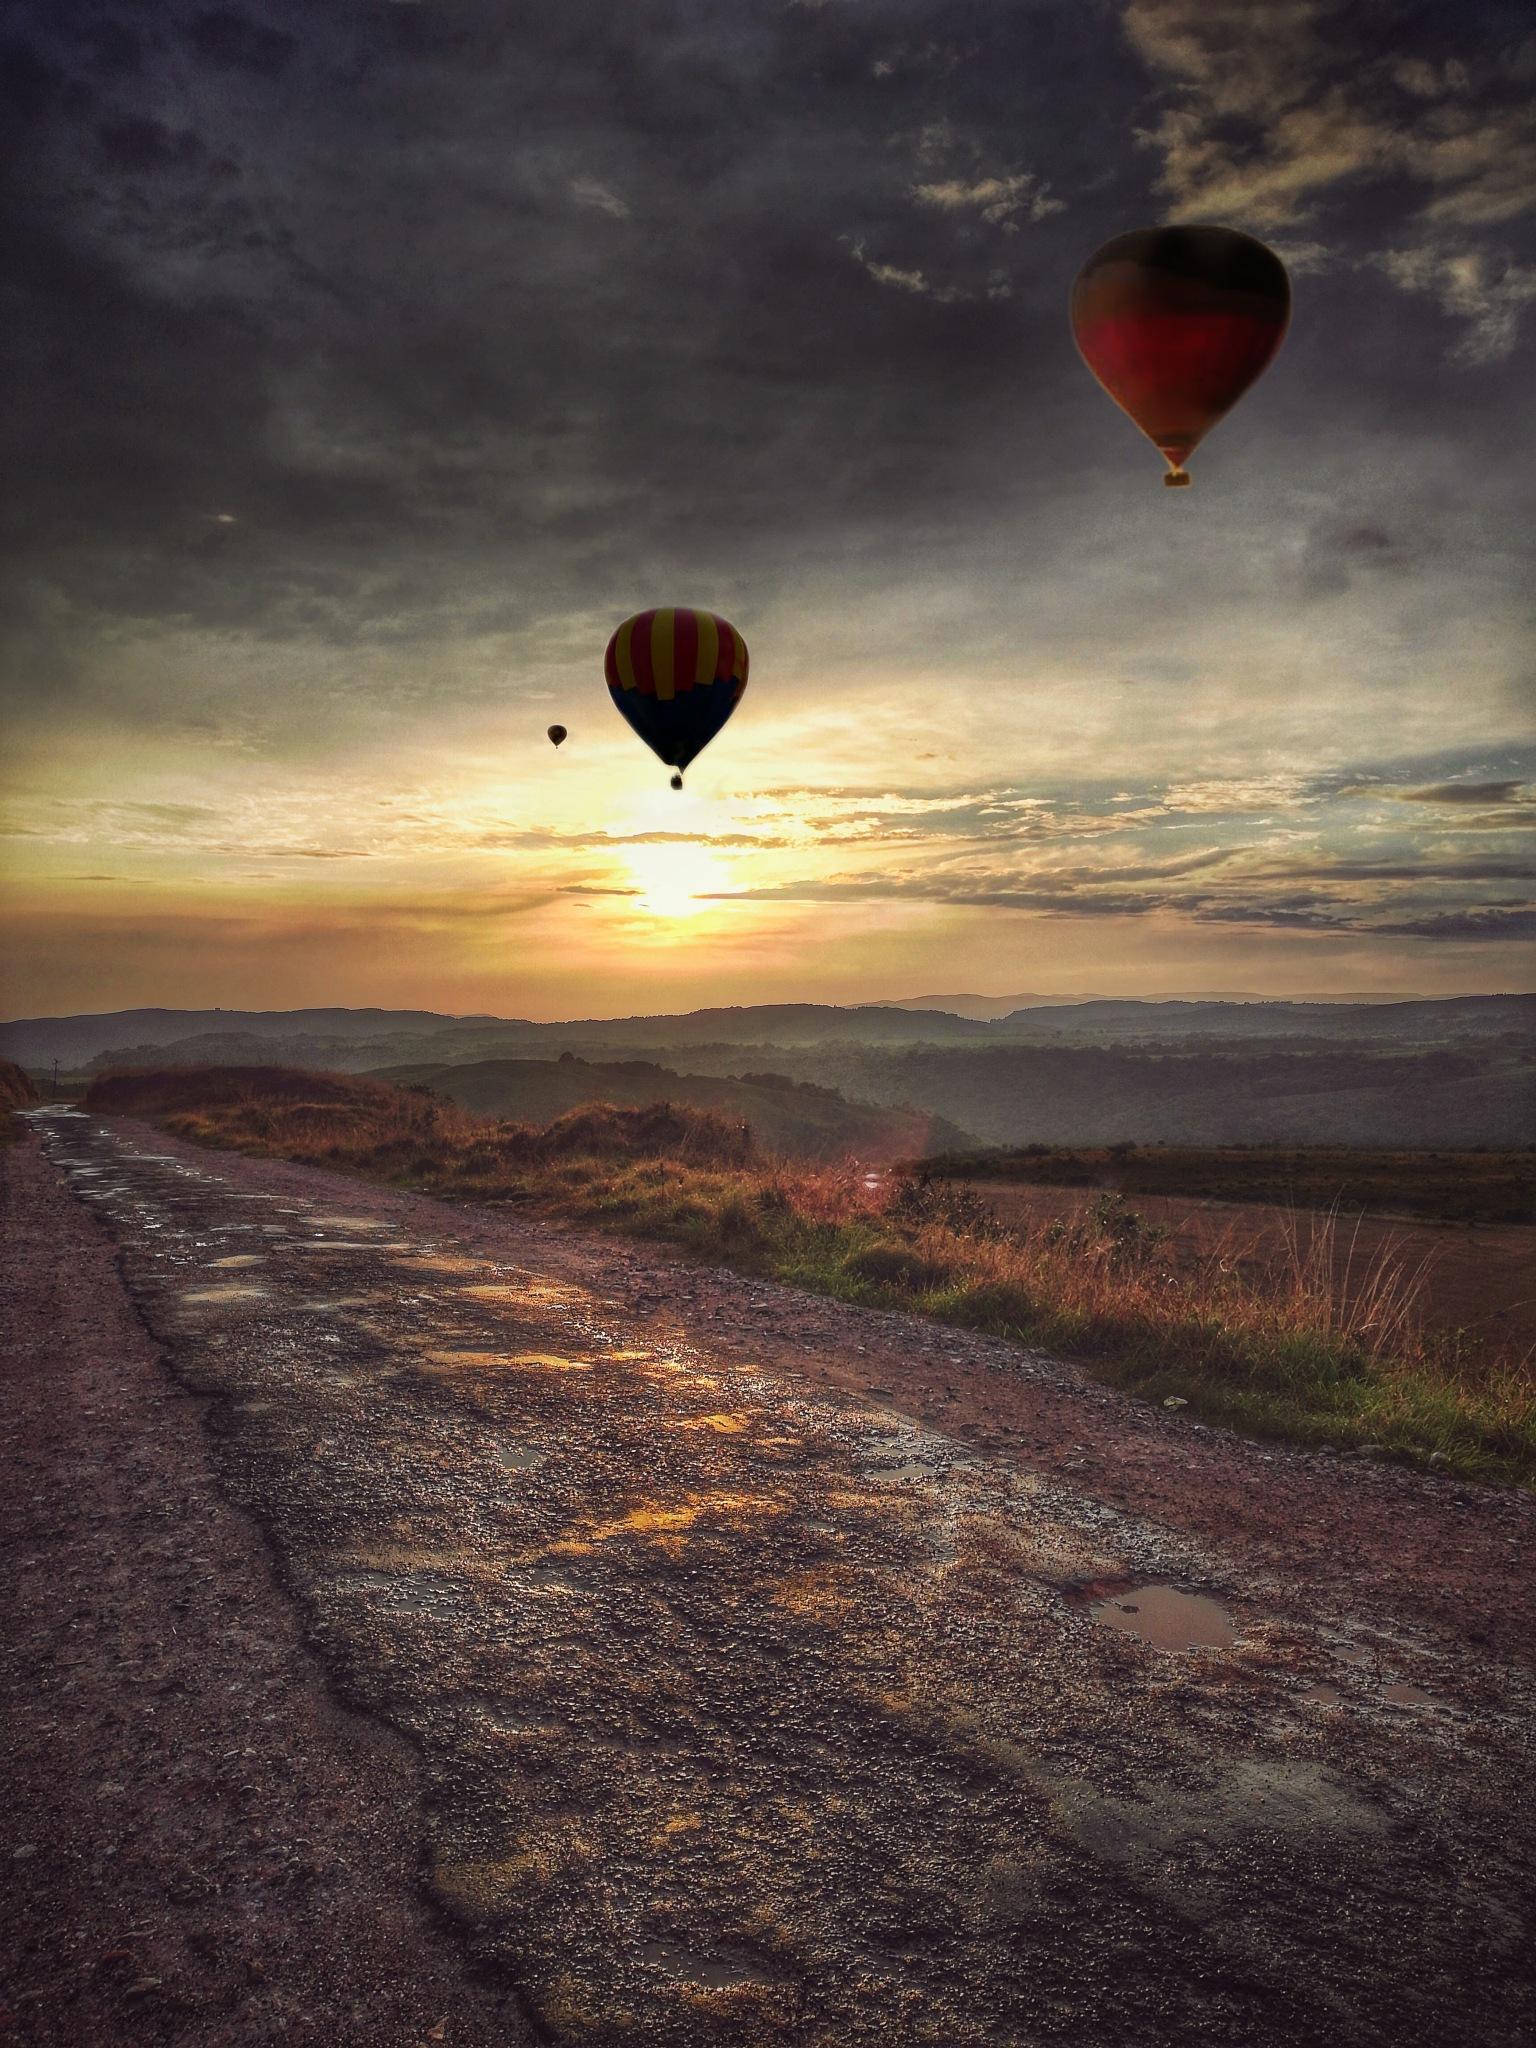 Hot air balloon by Kangkan Kakati